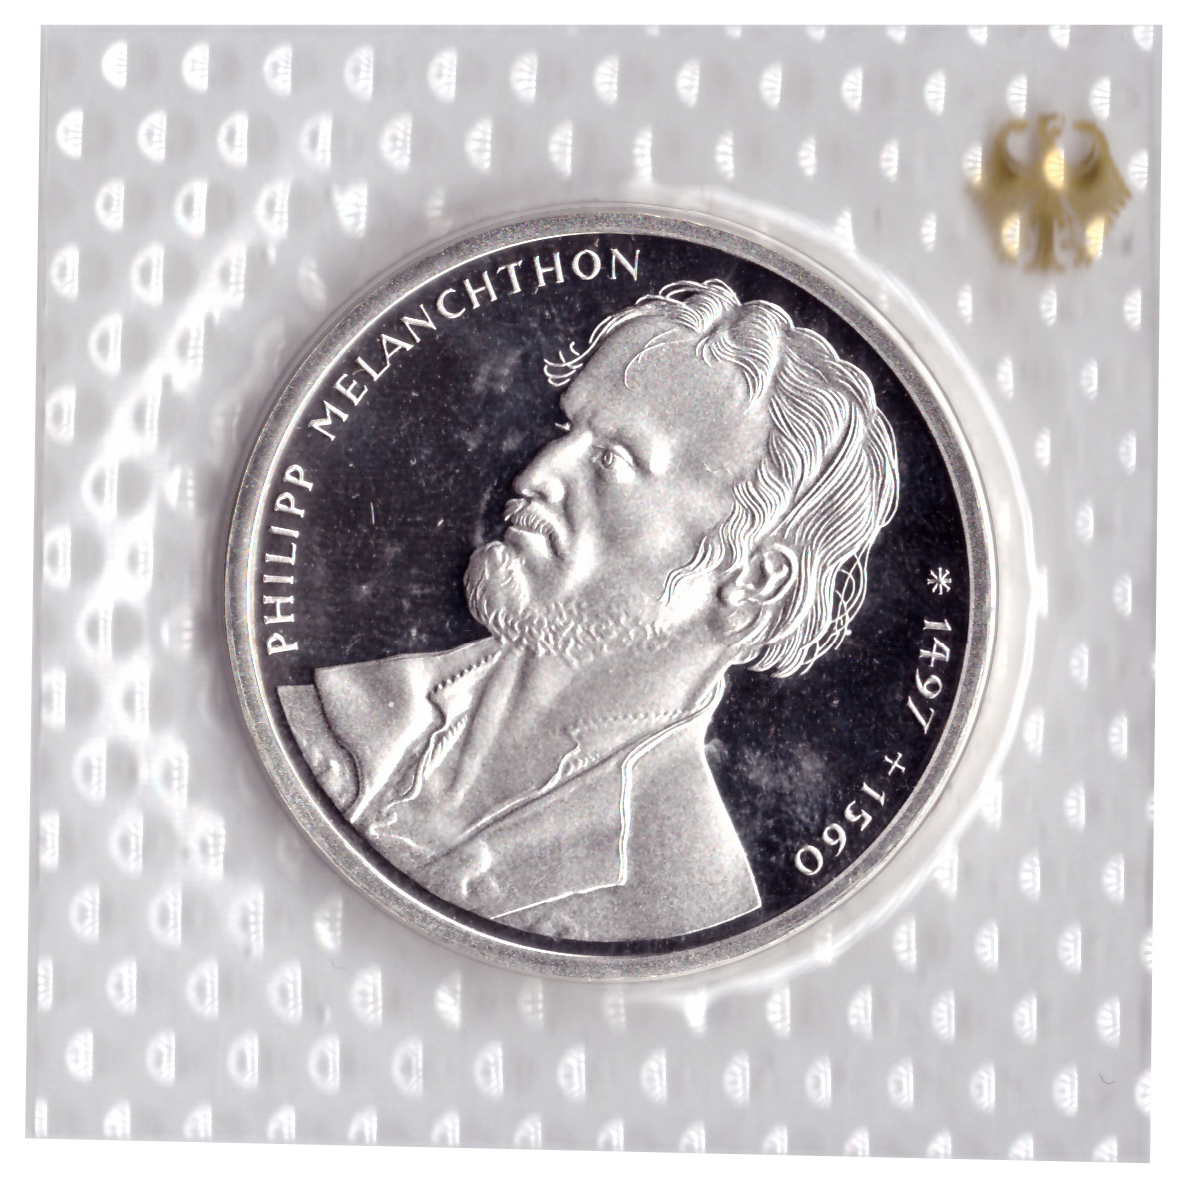 10 марок 1997 год (G) 500 лет со дня рождения Филиппа Меланхтона, Германия. PROOF в родной запайке